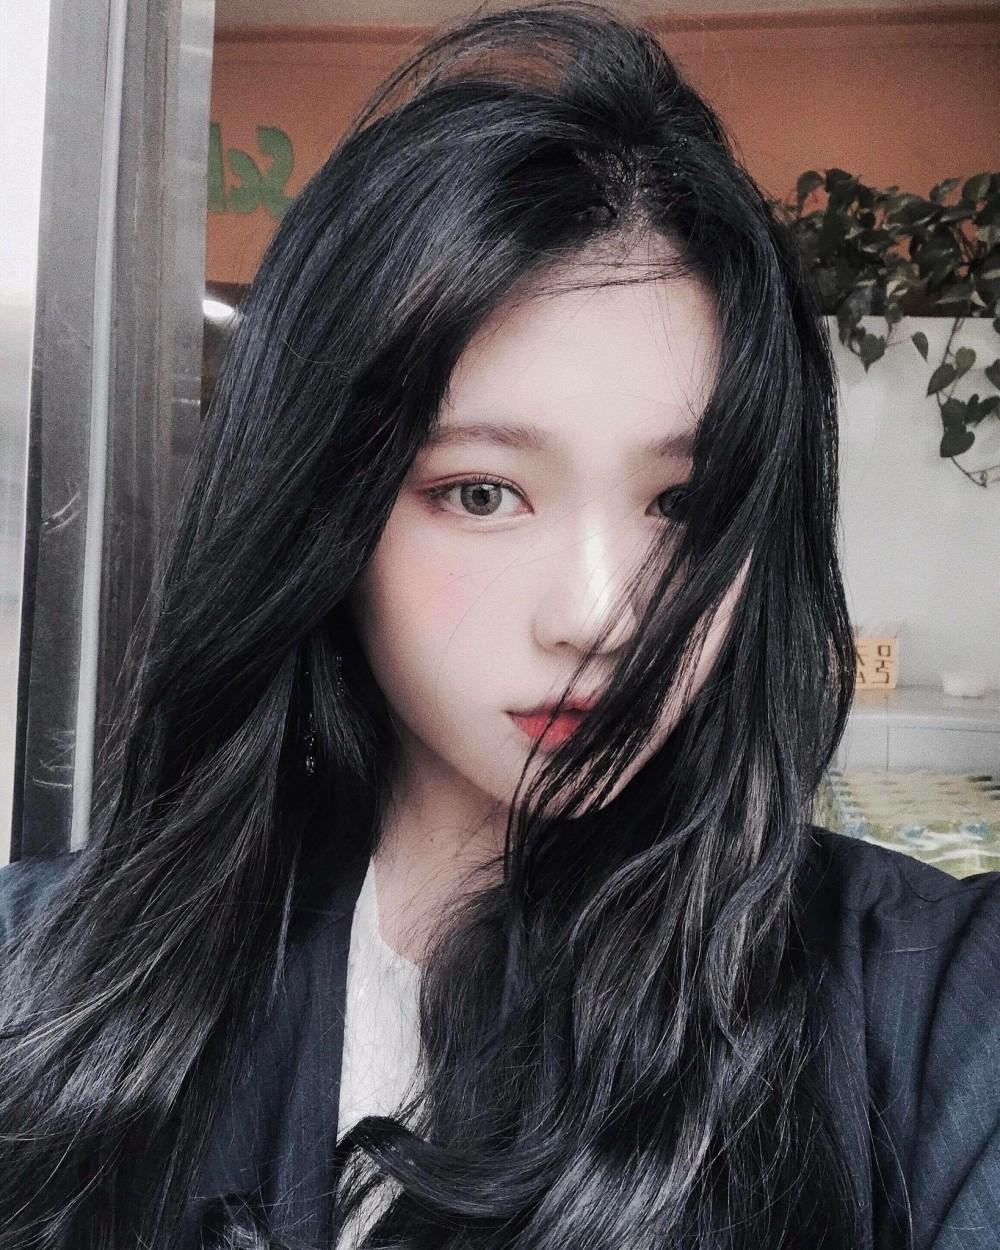 Tall Asian Girls,Asian girls,